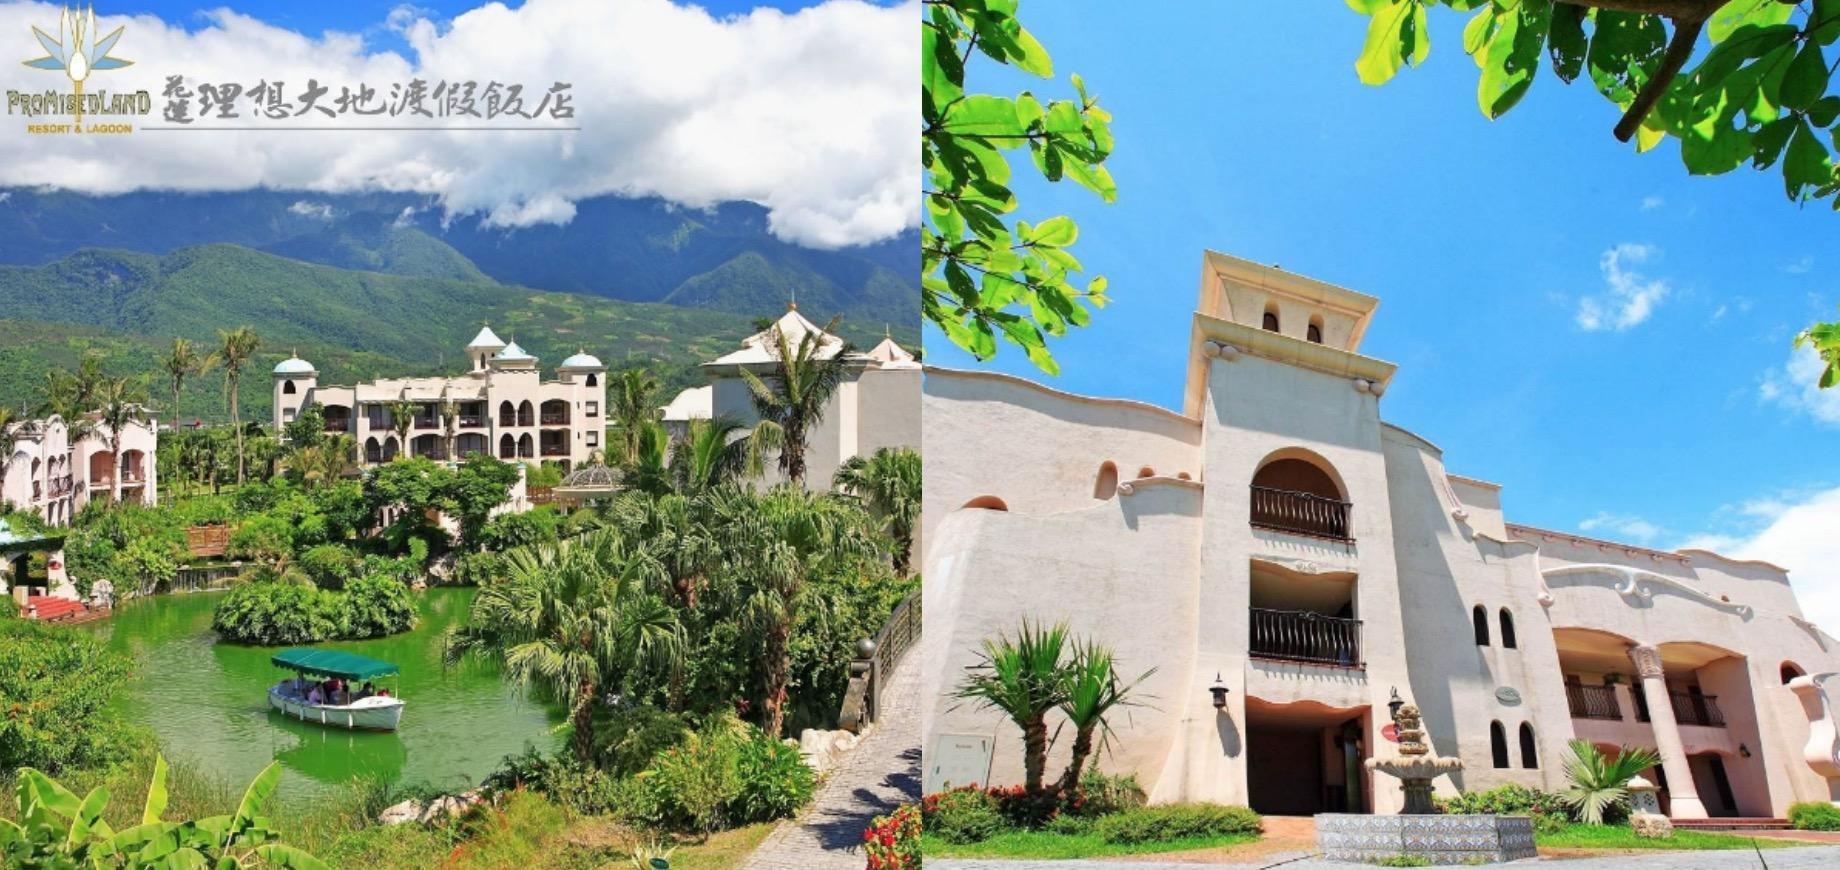 超熱門的旅遊飯店,適合全家人一同前往,擁有大自然美景環繞,以及溫泉、湧泉等天然資源, 充分享受到花蓮的陽光、空氣、水,在這裡能徹底放空自己,讓你暫時與工作煩惱分手!